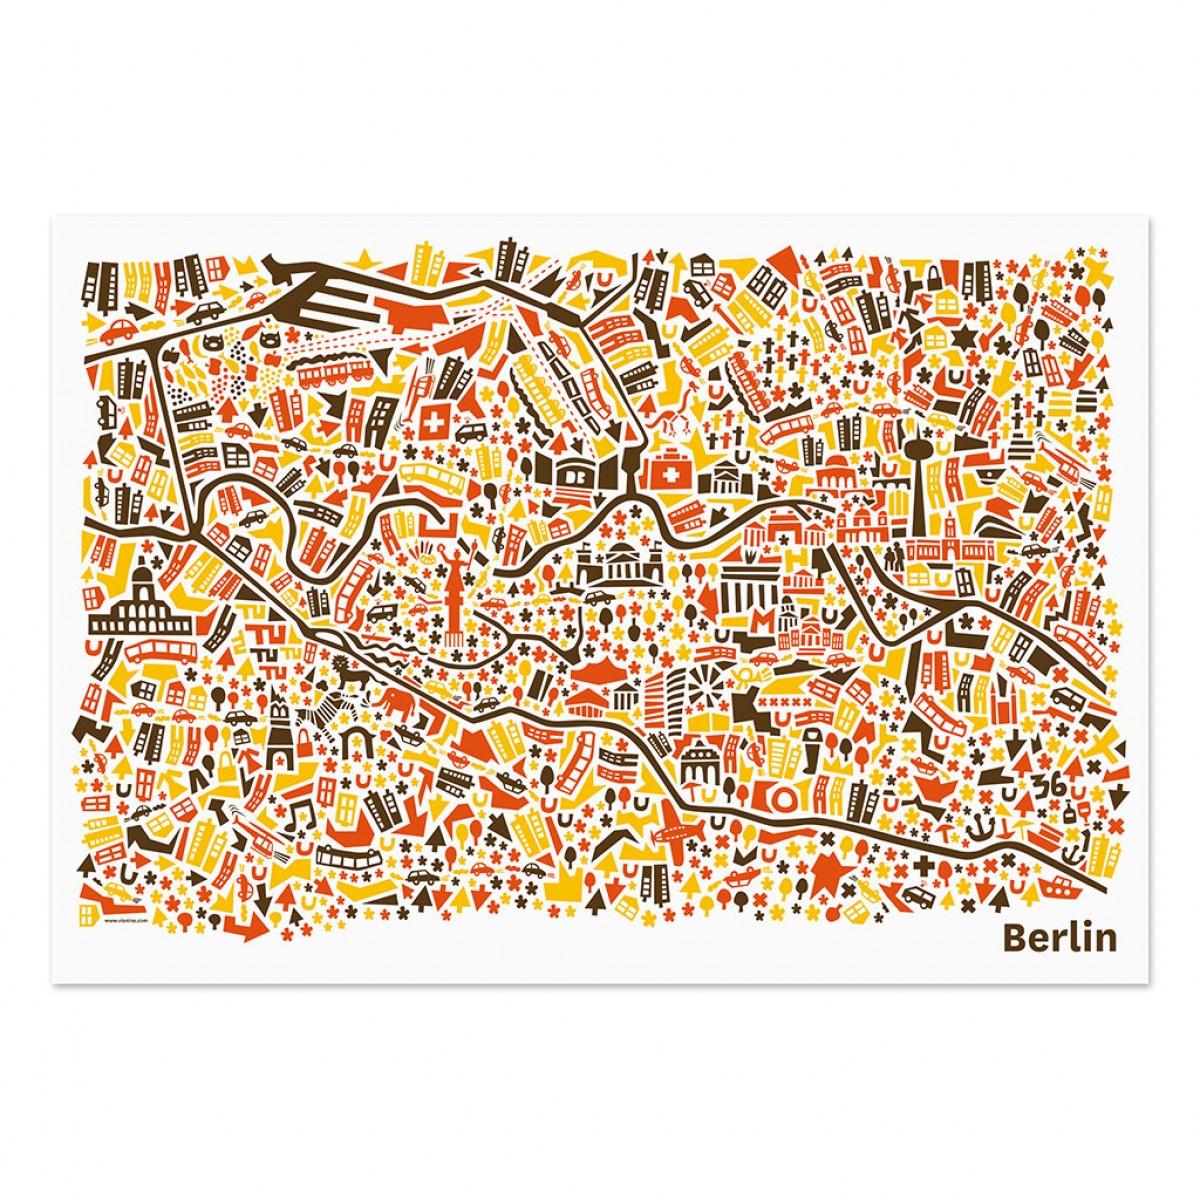 Vianina Berlin Poster 100 x 70